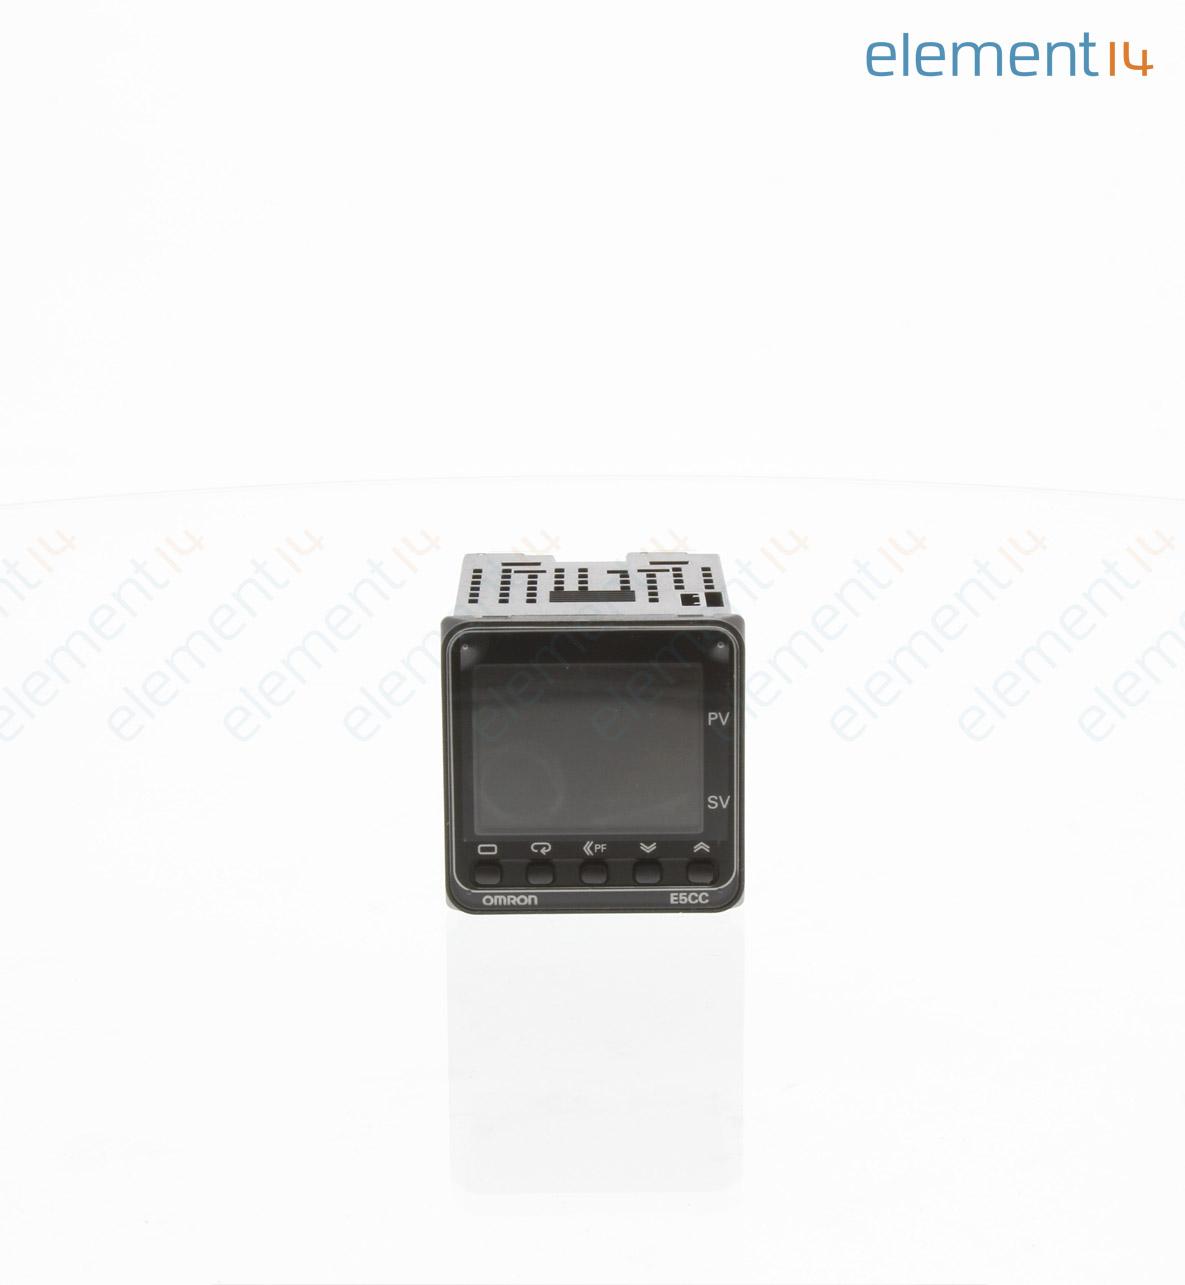 OMRON INDUSTRIAL AUTOMATION E5CC QX3A5M 000 Controlador de Temperatura  #3D708E